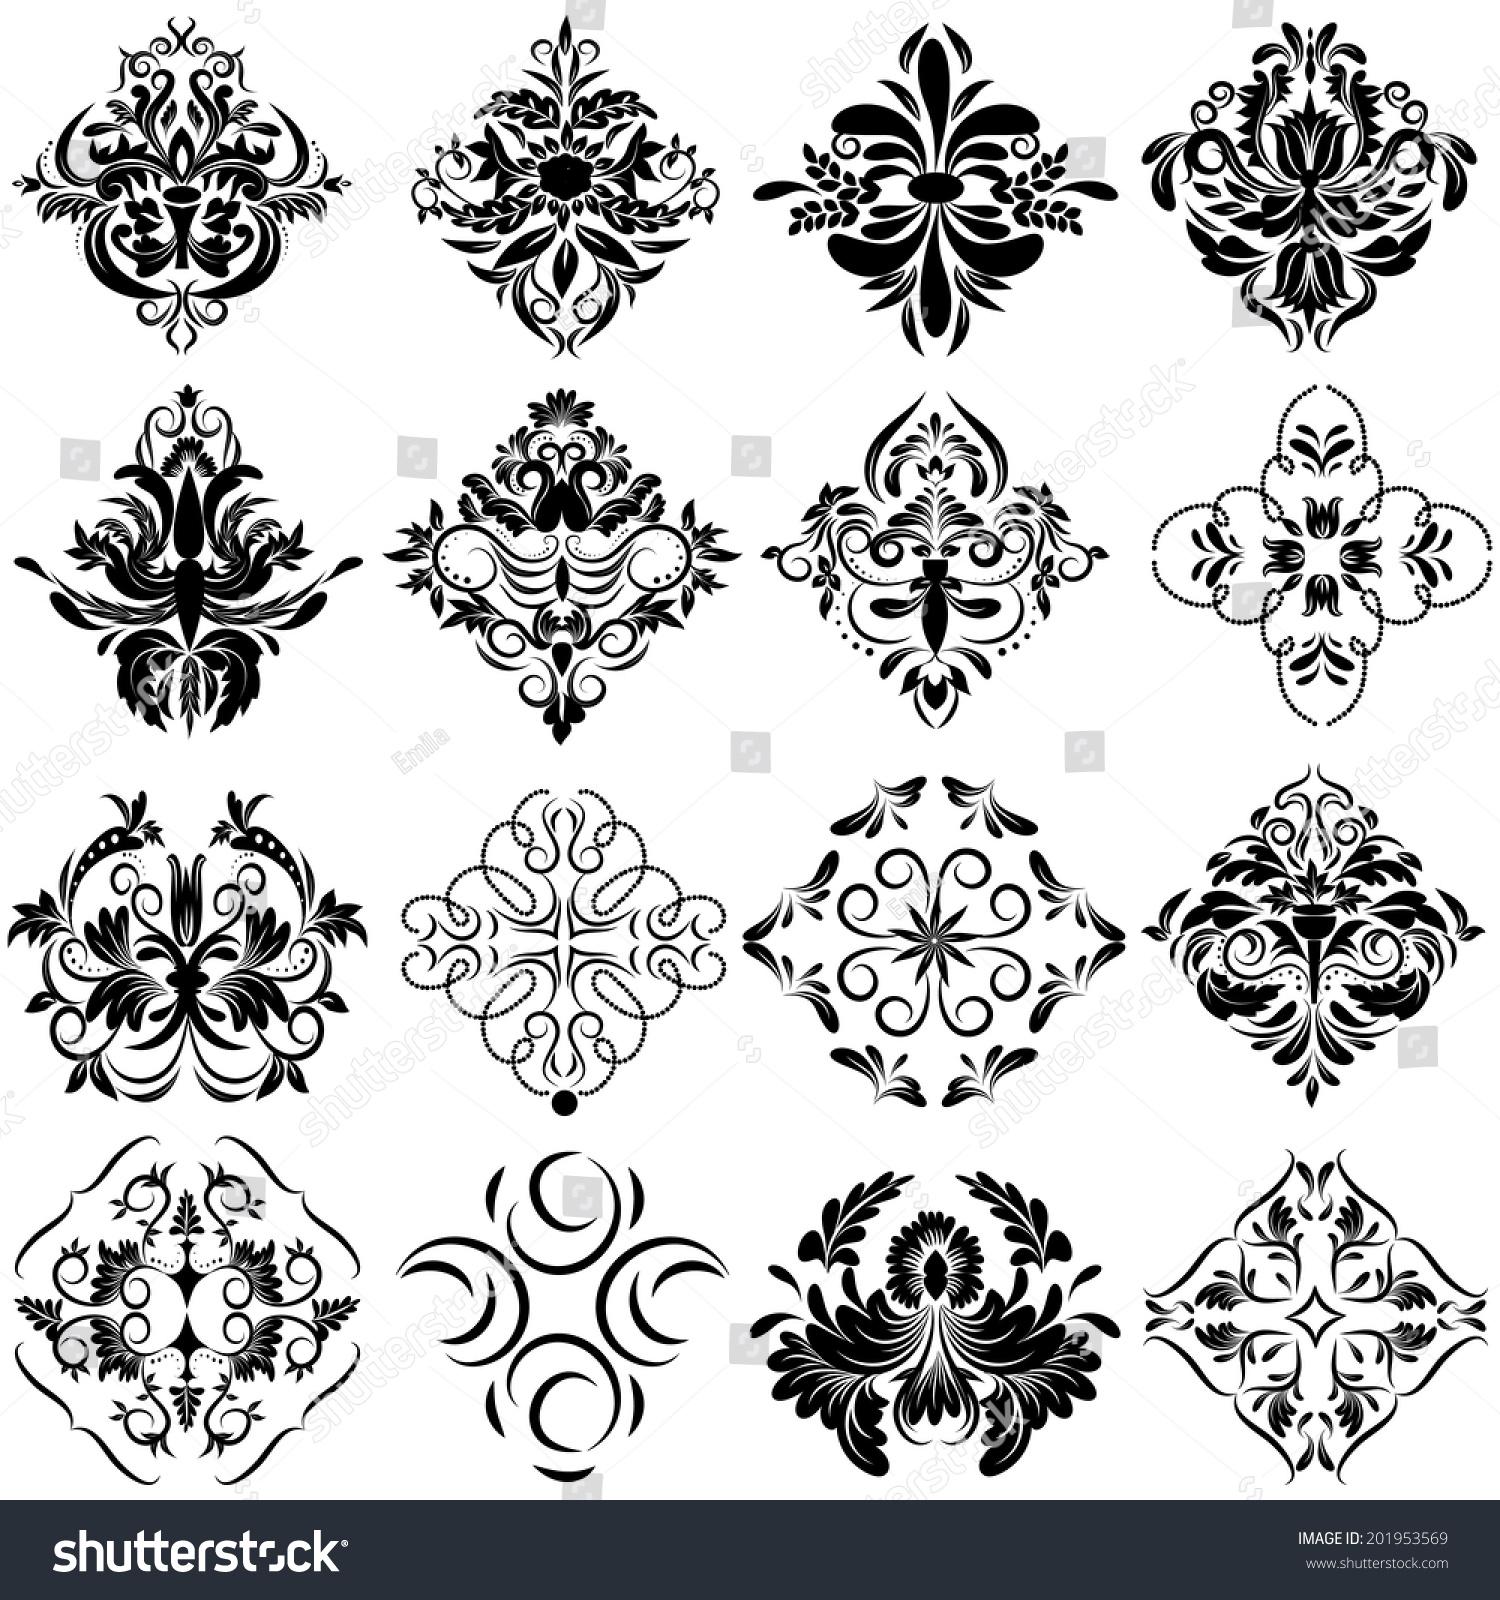 Set Of Black Flower Design Elements Vector Illustration: Damask Set Elegant Floral Abstract Design Stock Vector